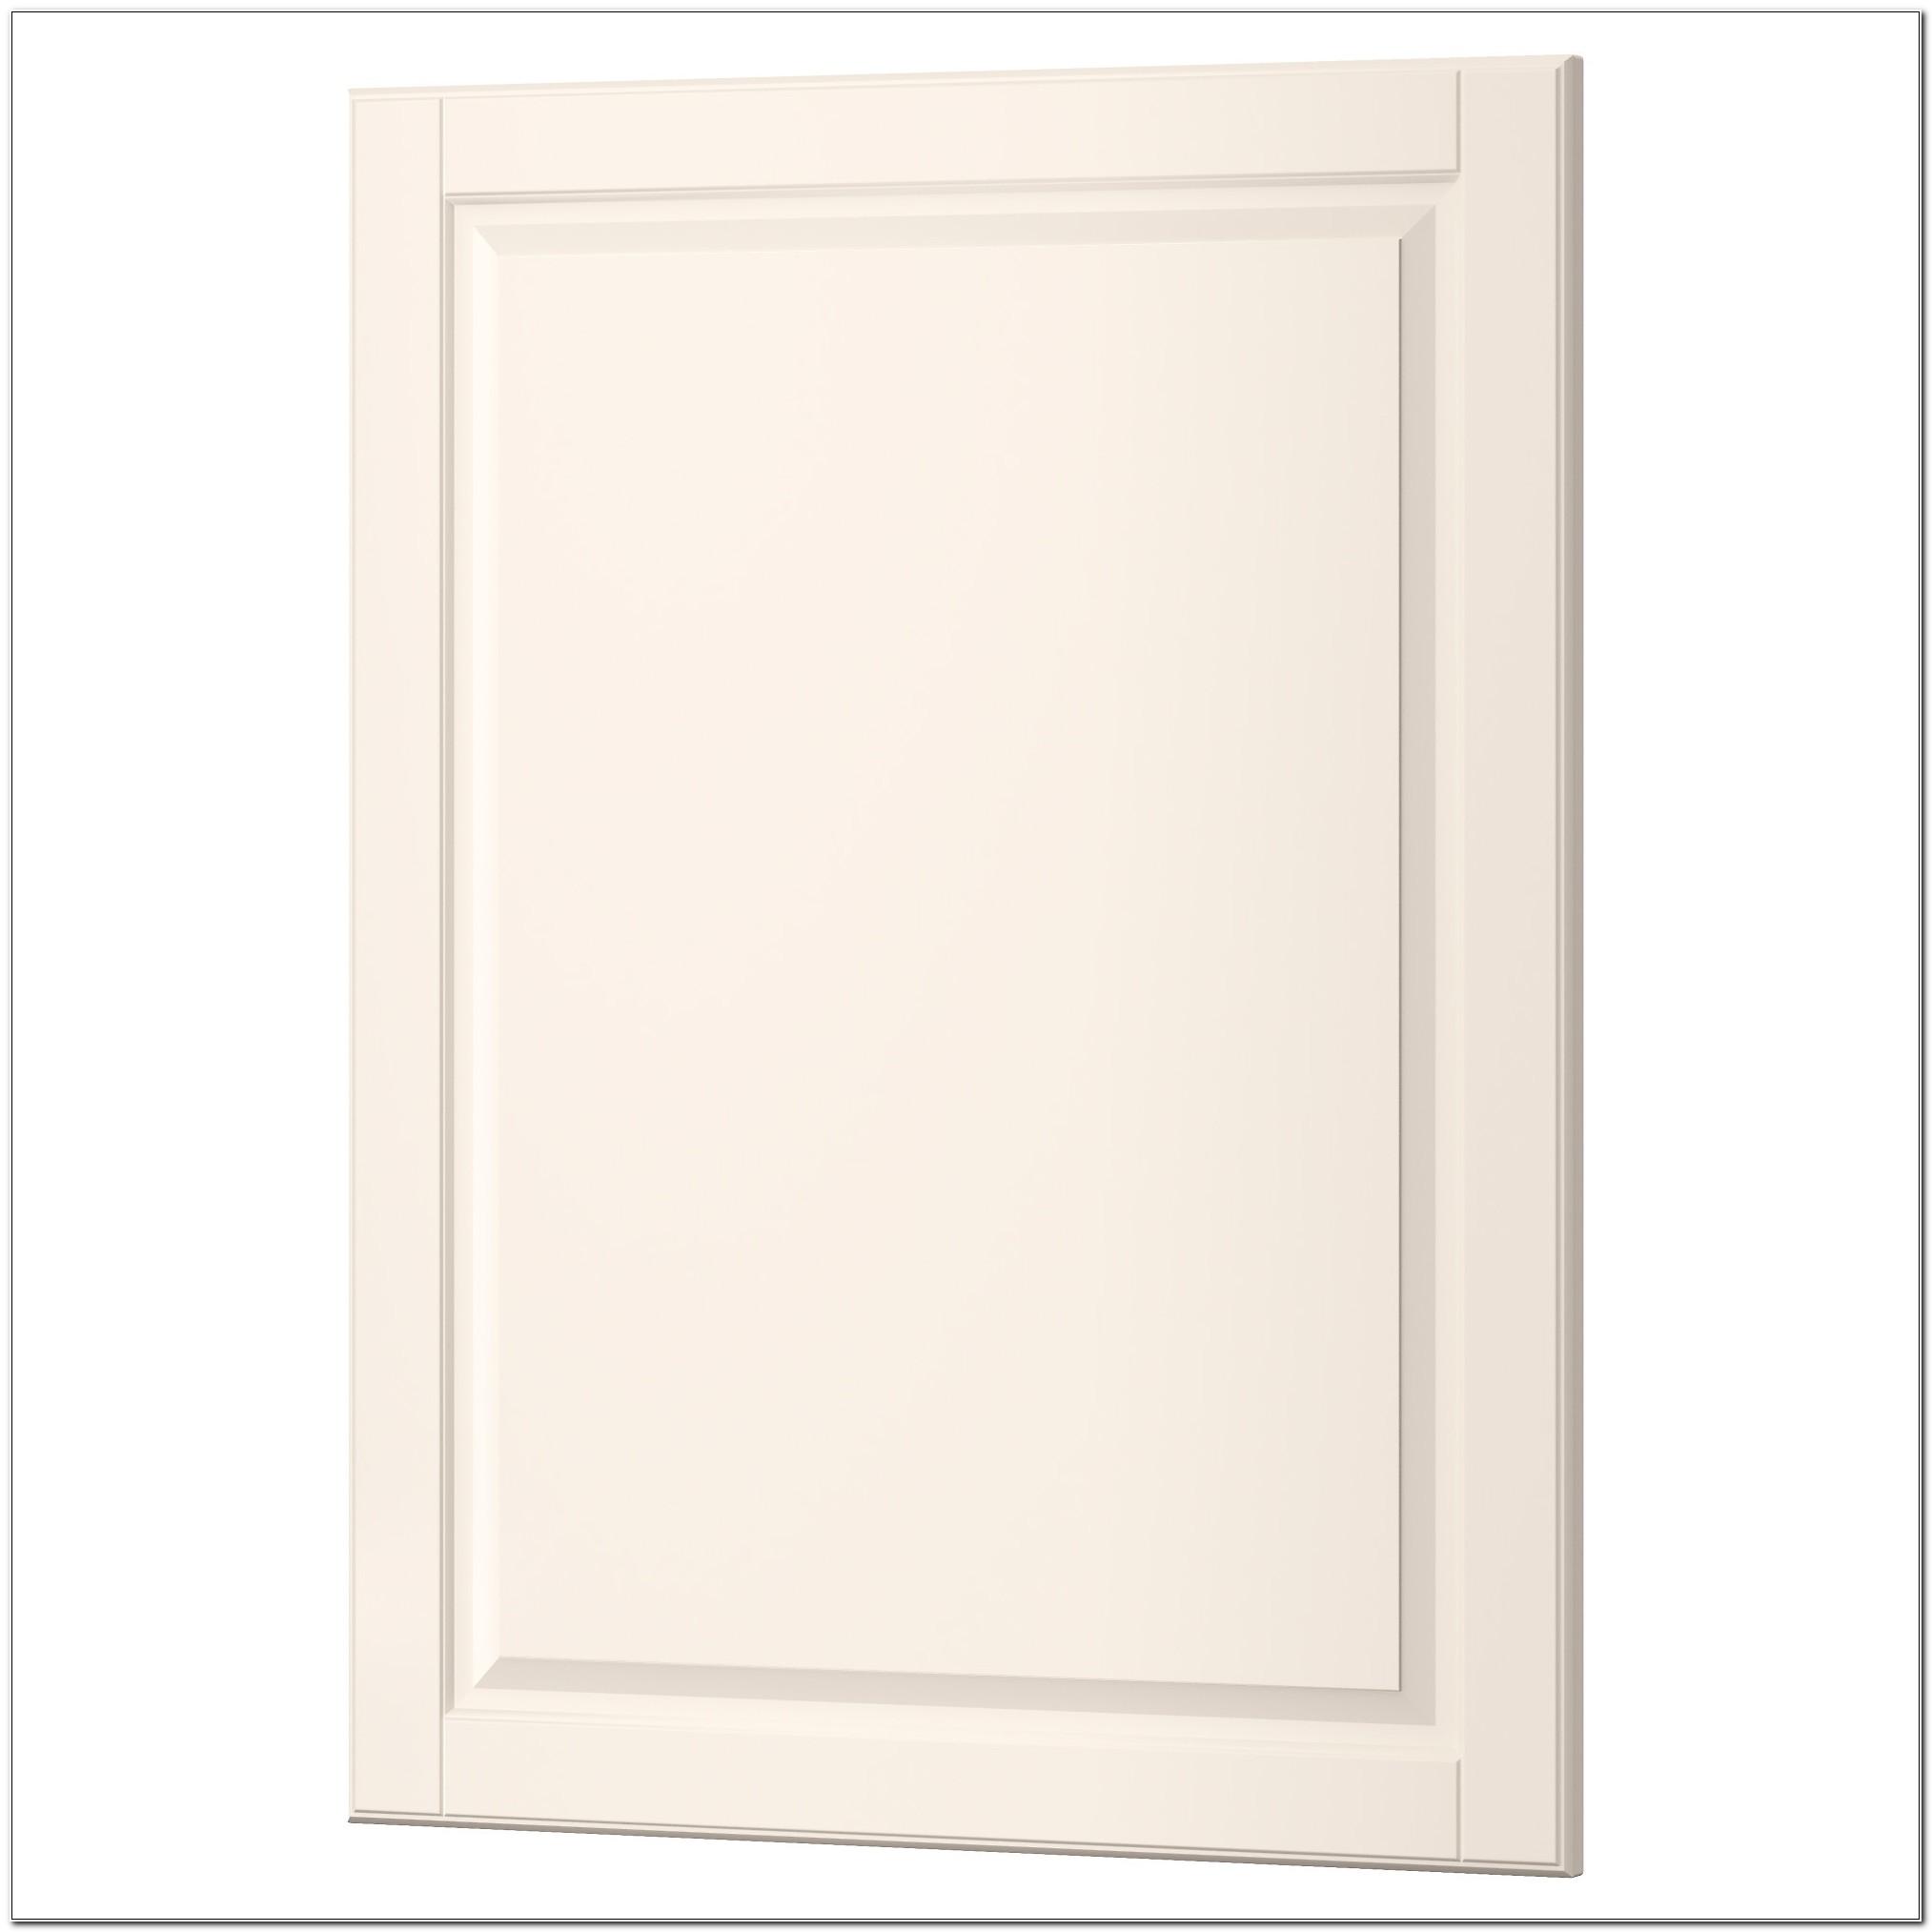 Replacement Kitchen Cabinet Doors Ikea